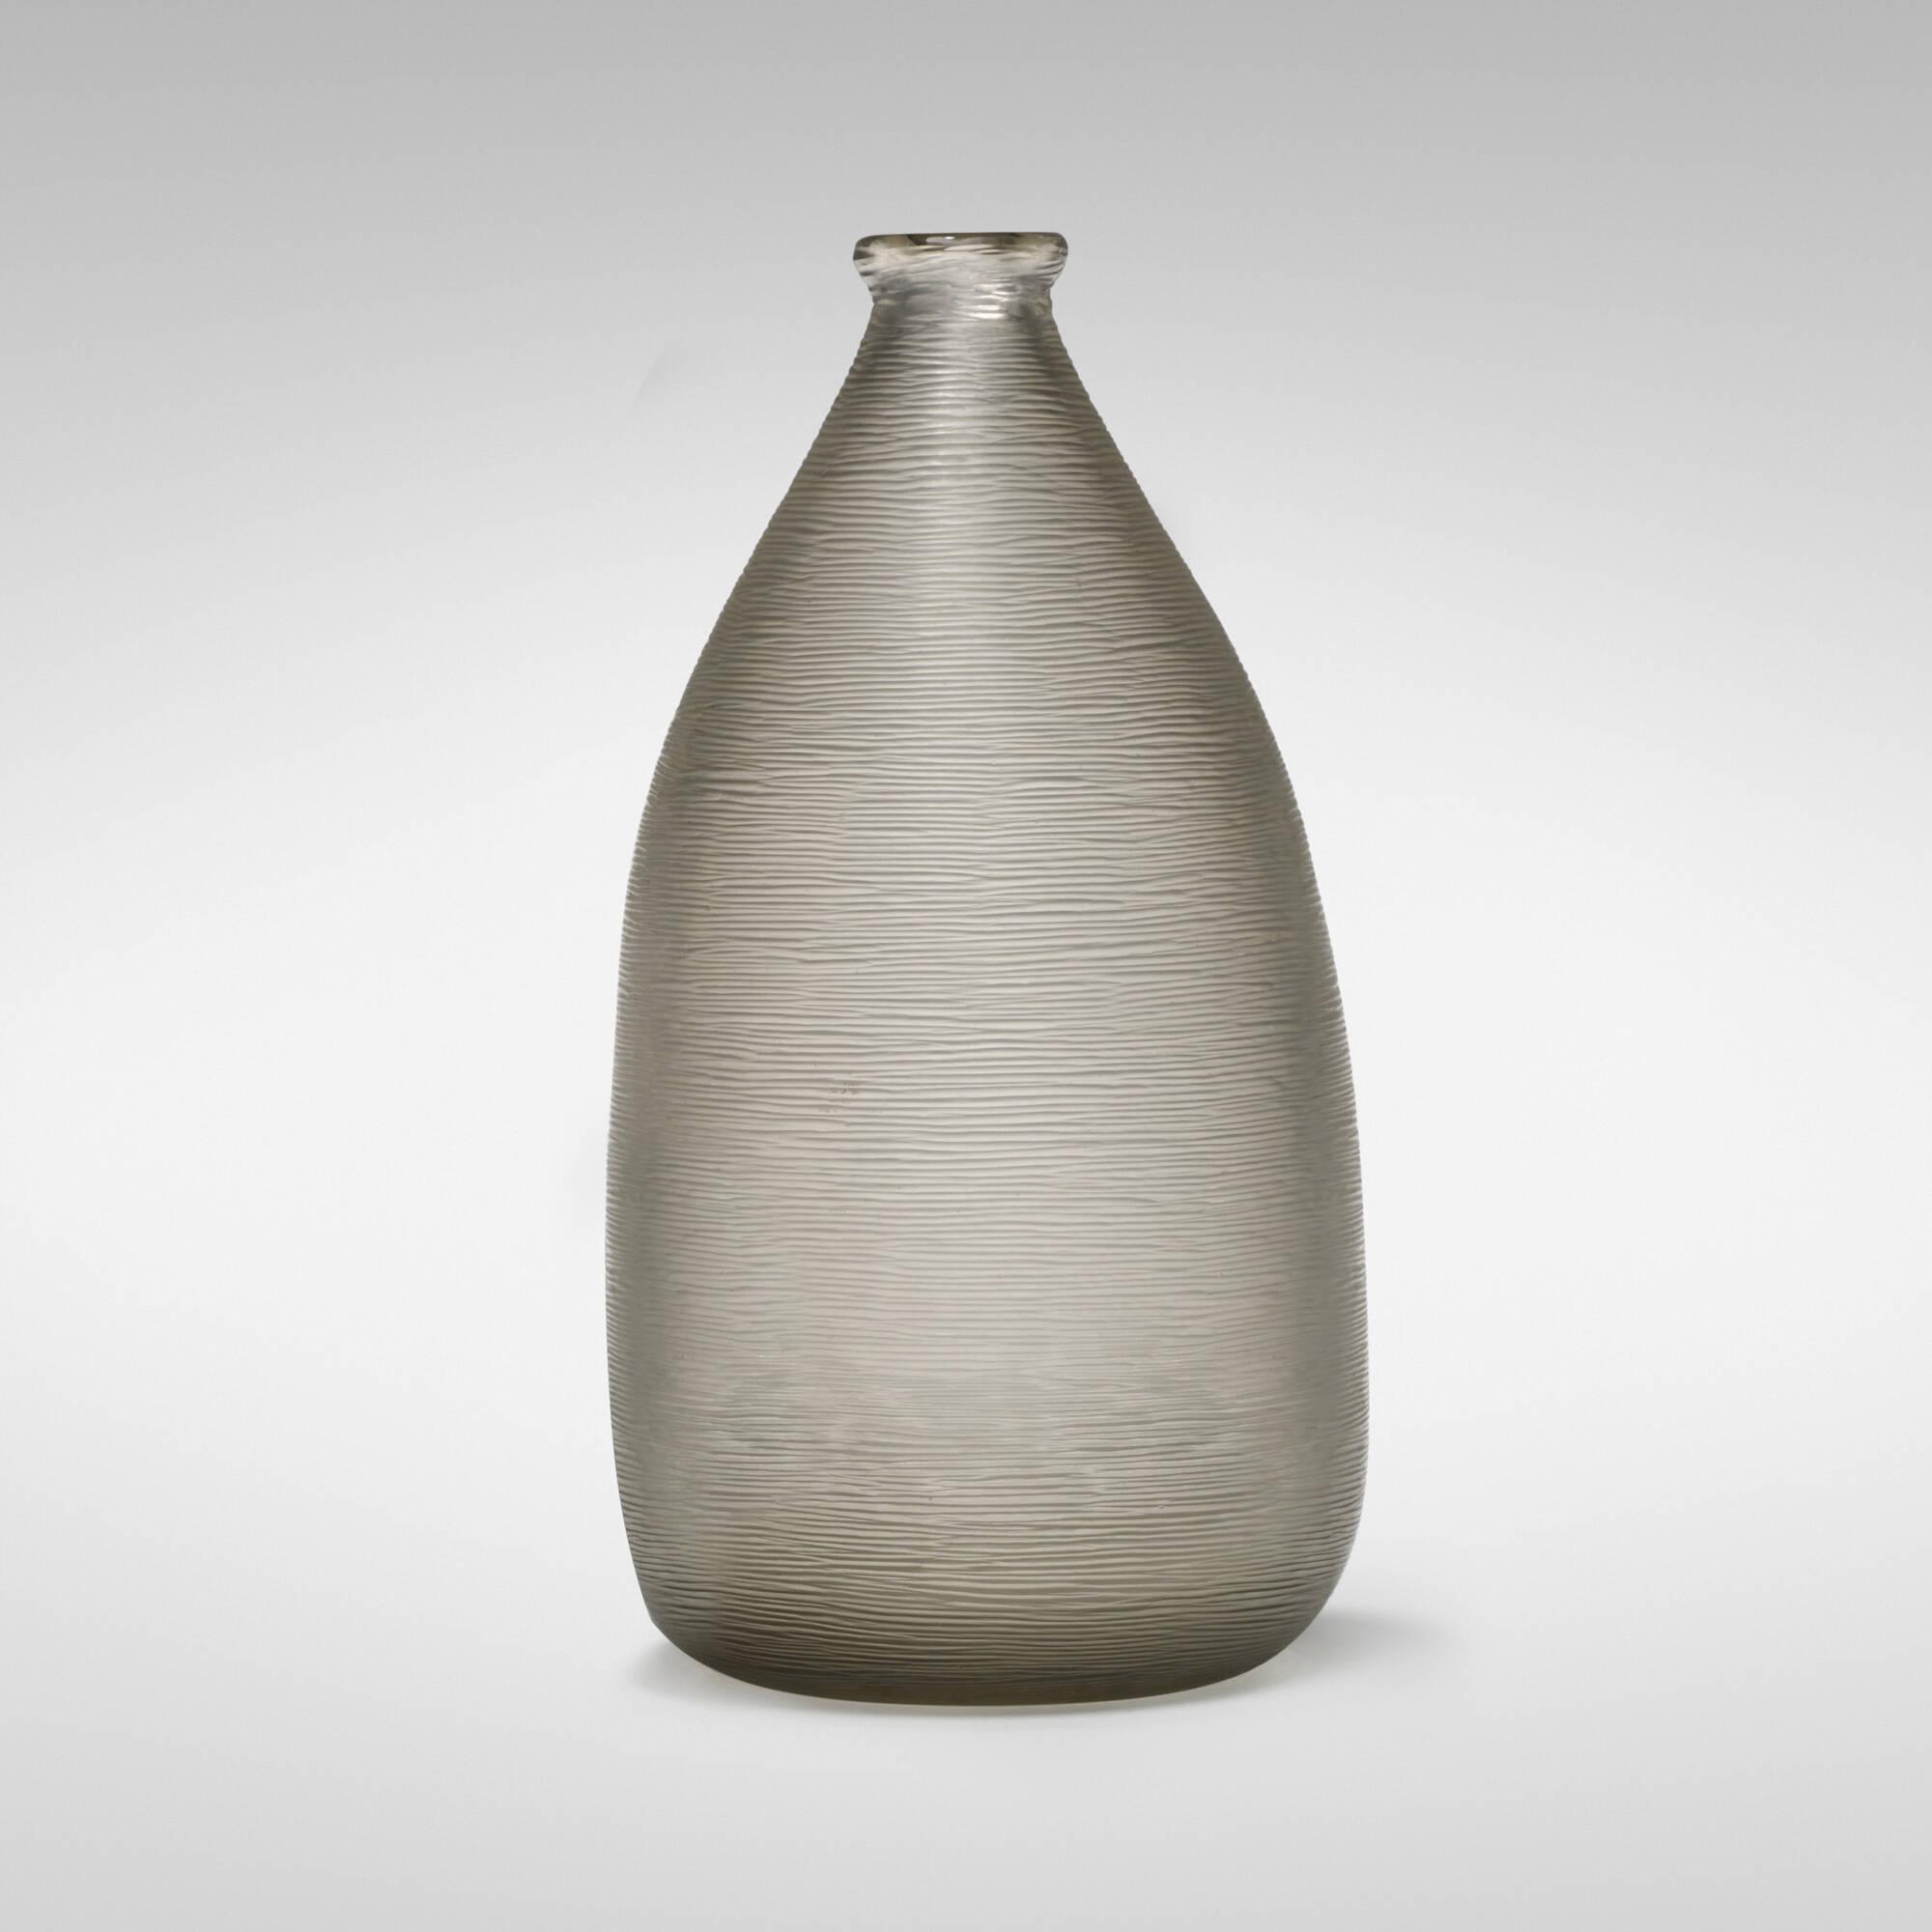 144 carlo scarpa battuto vase model 3908 important italian carlo scarpa inciso vase floridaeventfo Image collections